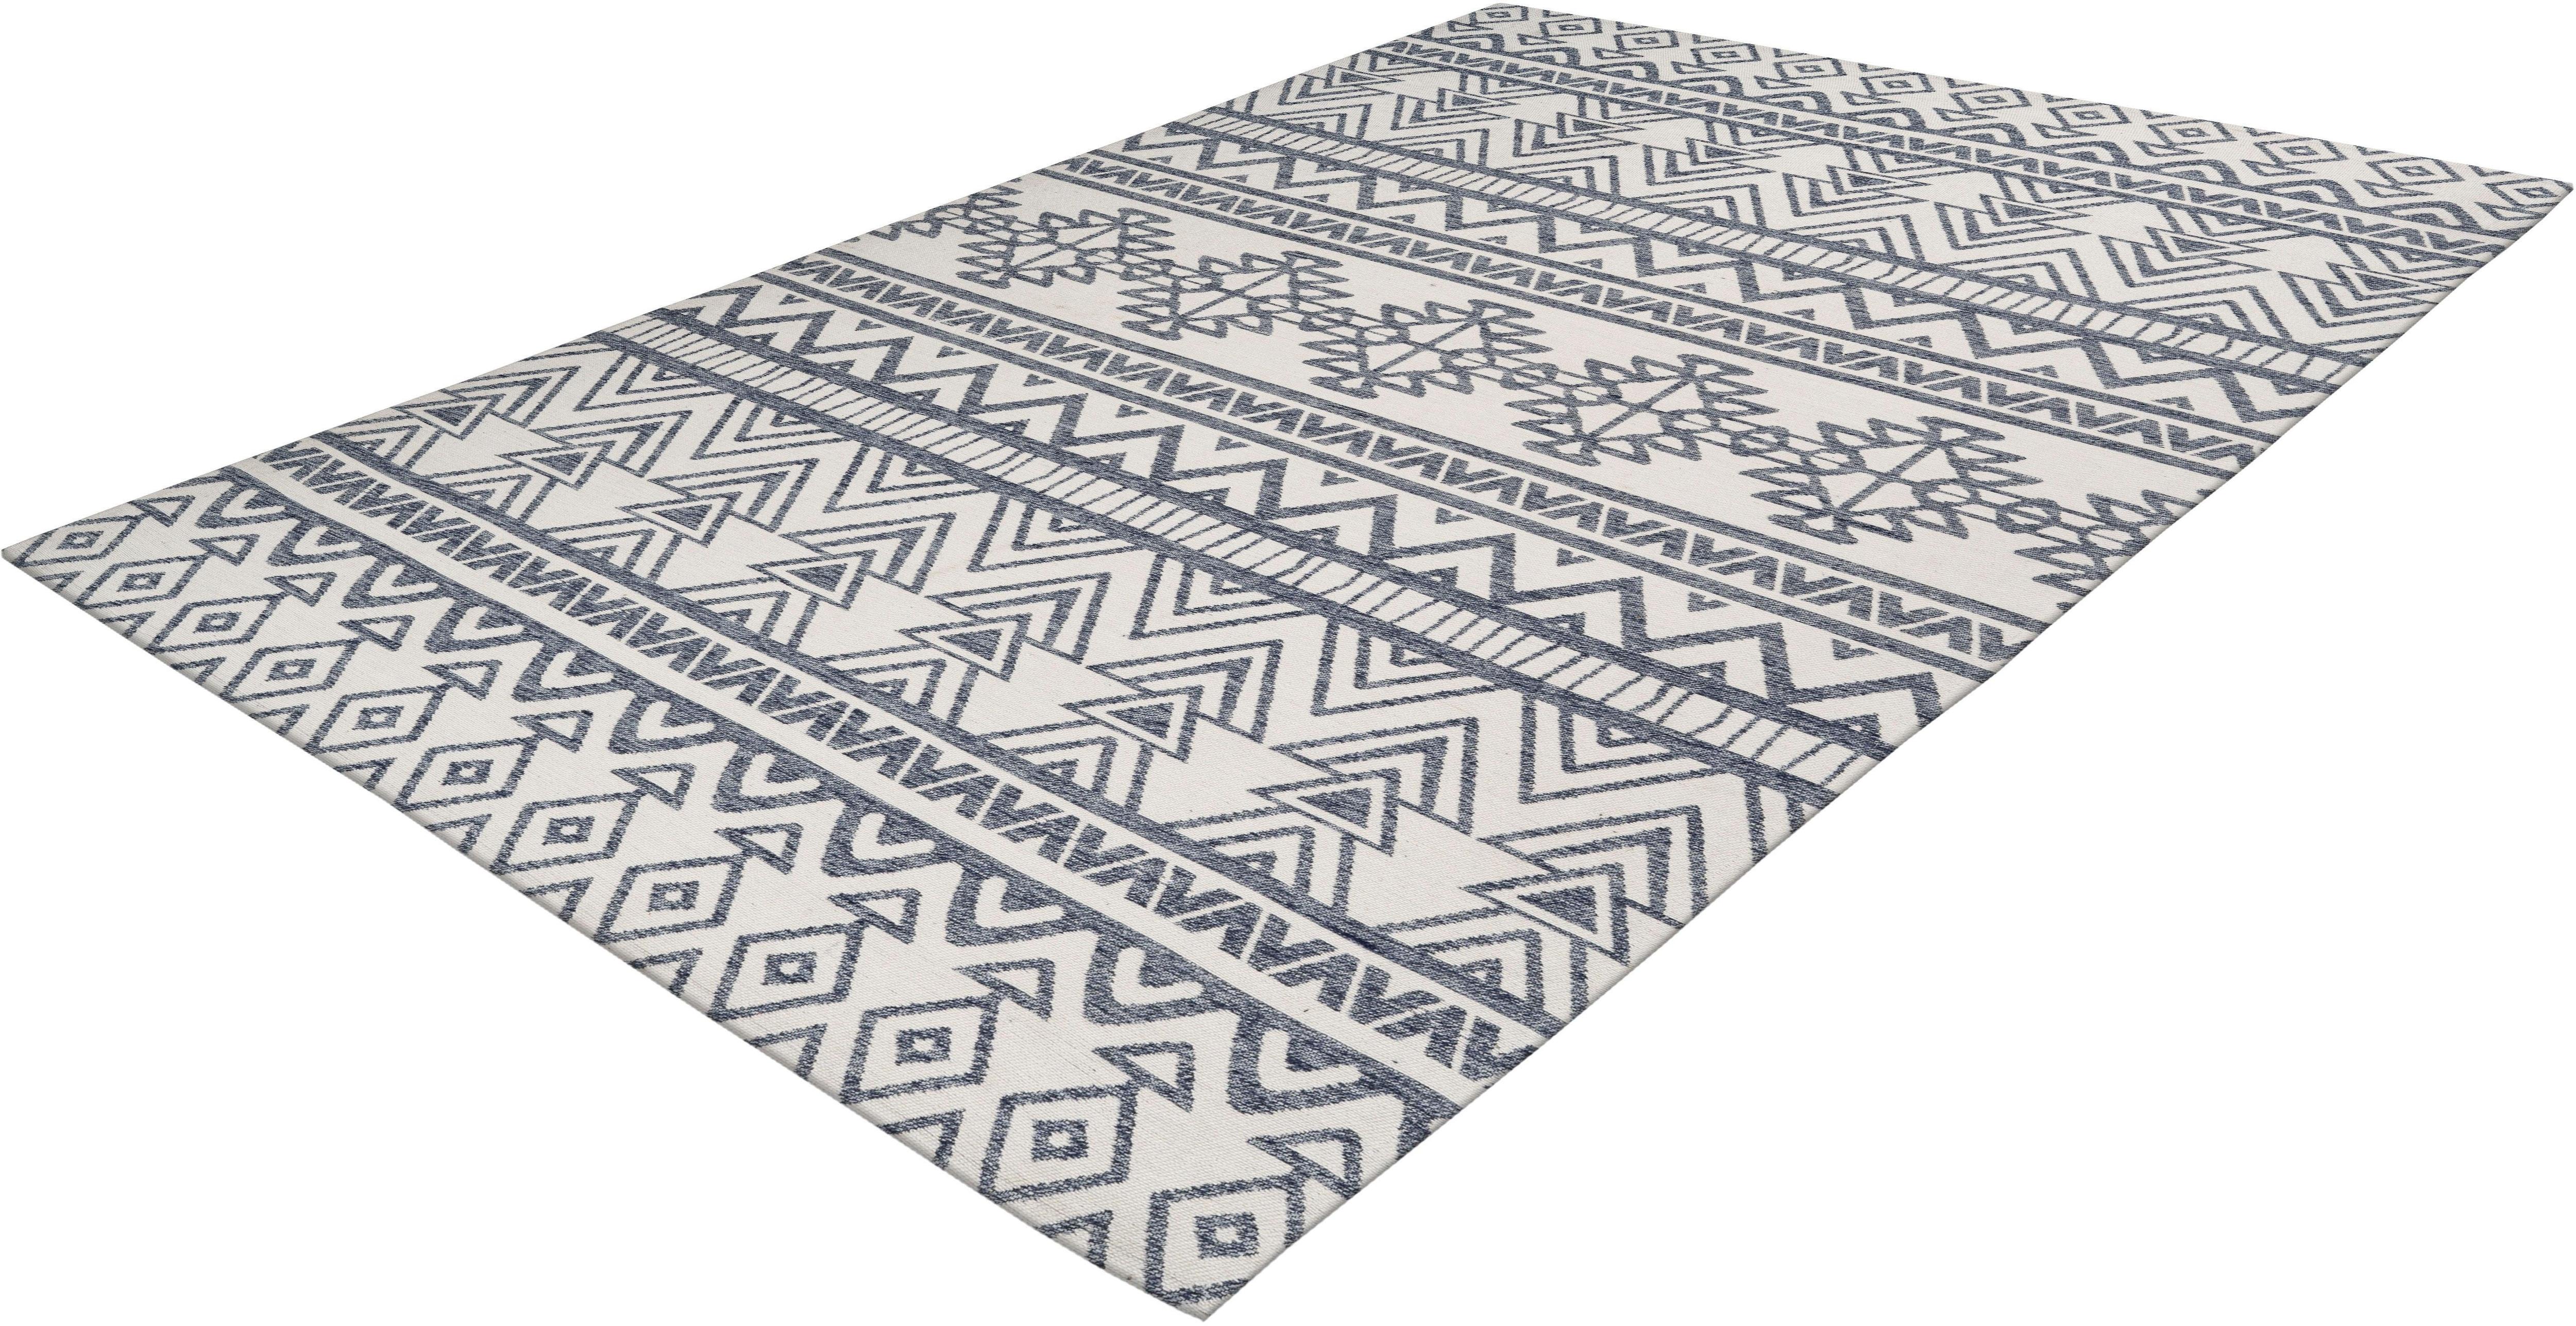 Teppich Rico 505 calo-deluxe rechteckig Höhe 10 mm maschinell gewebt